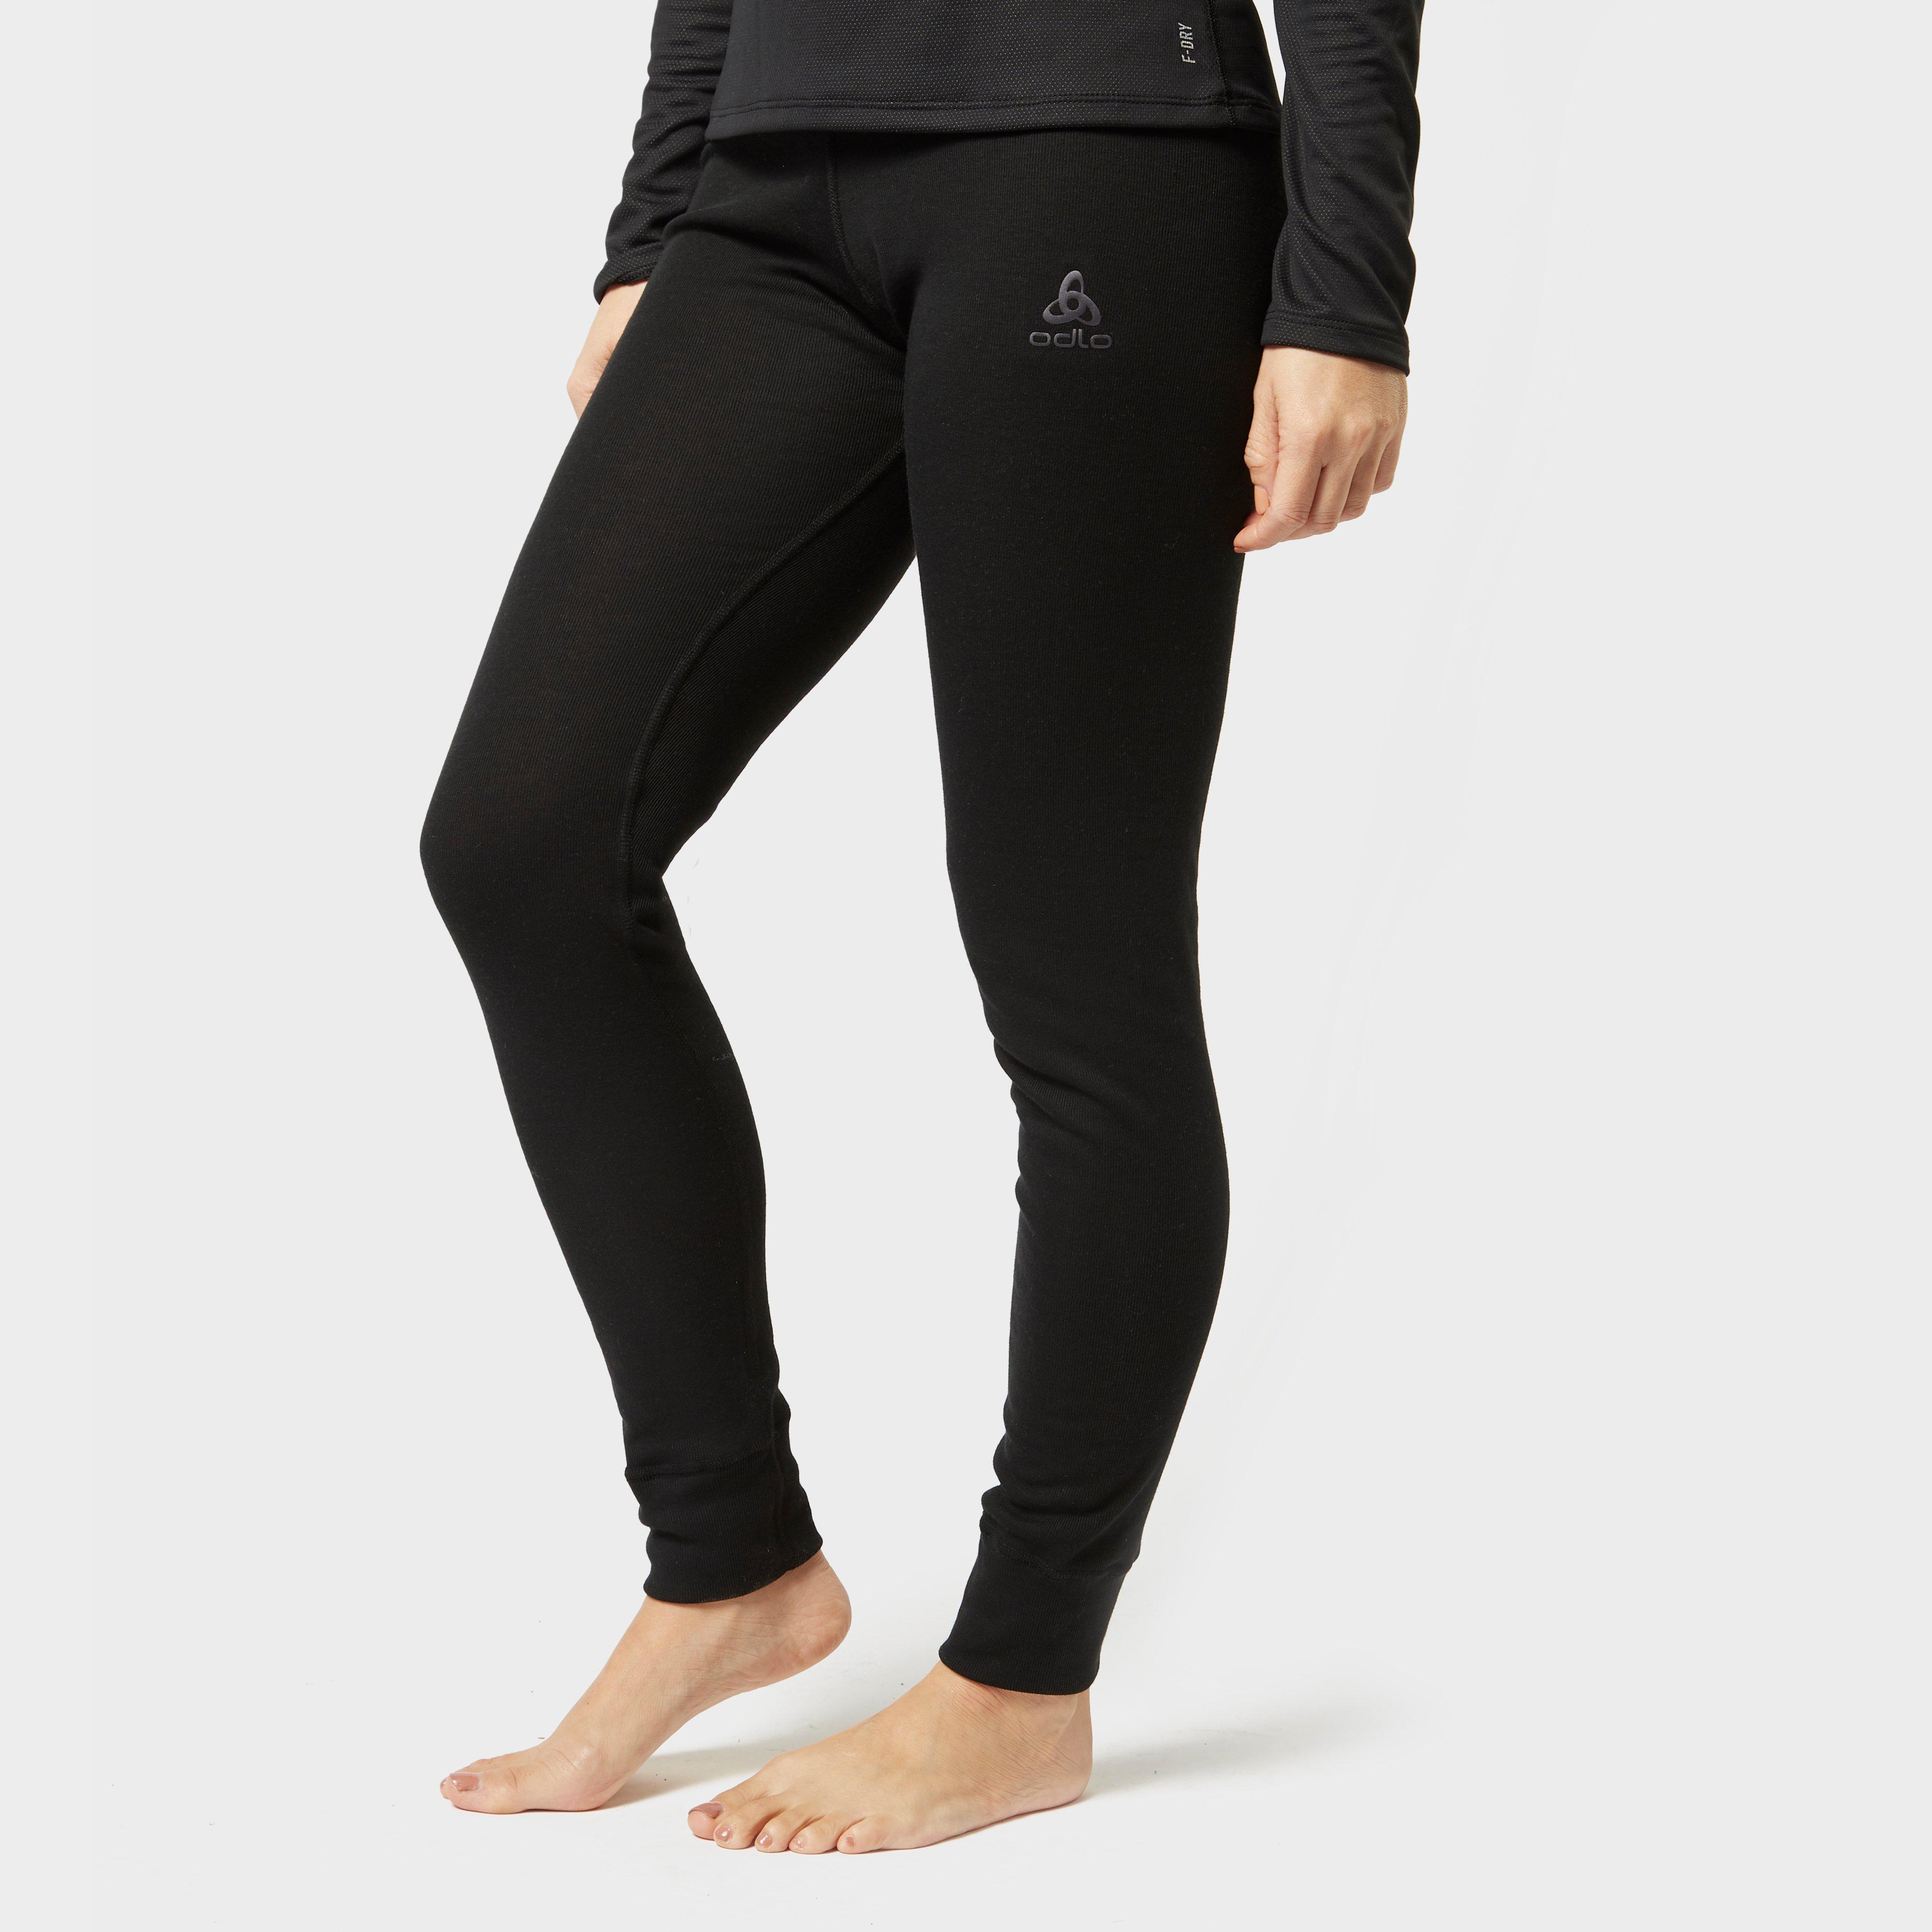 Odlo Women's Active Warm Pant, Black